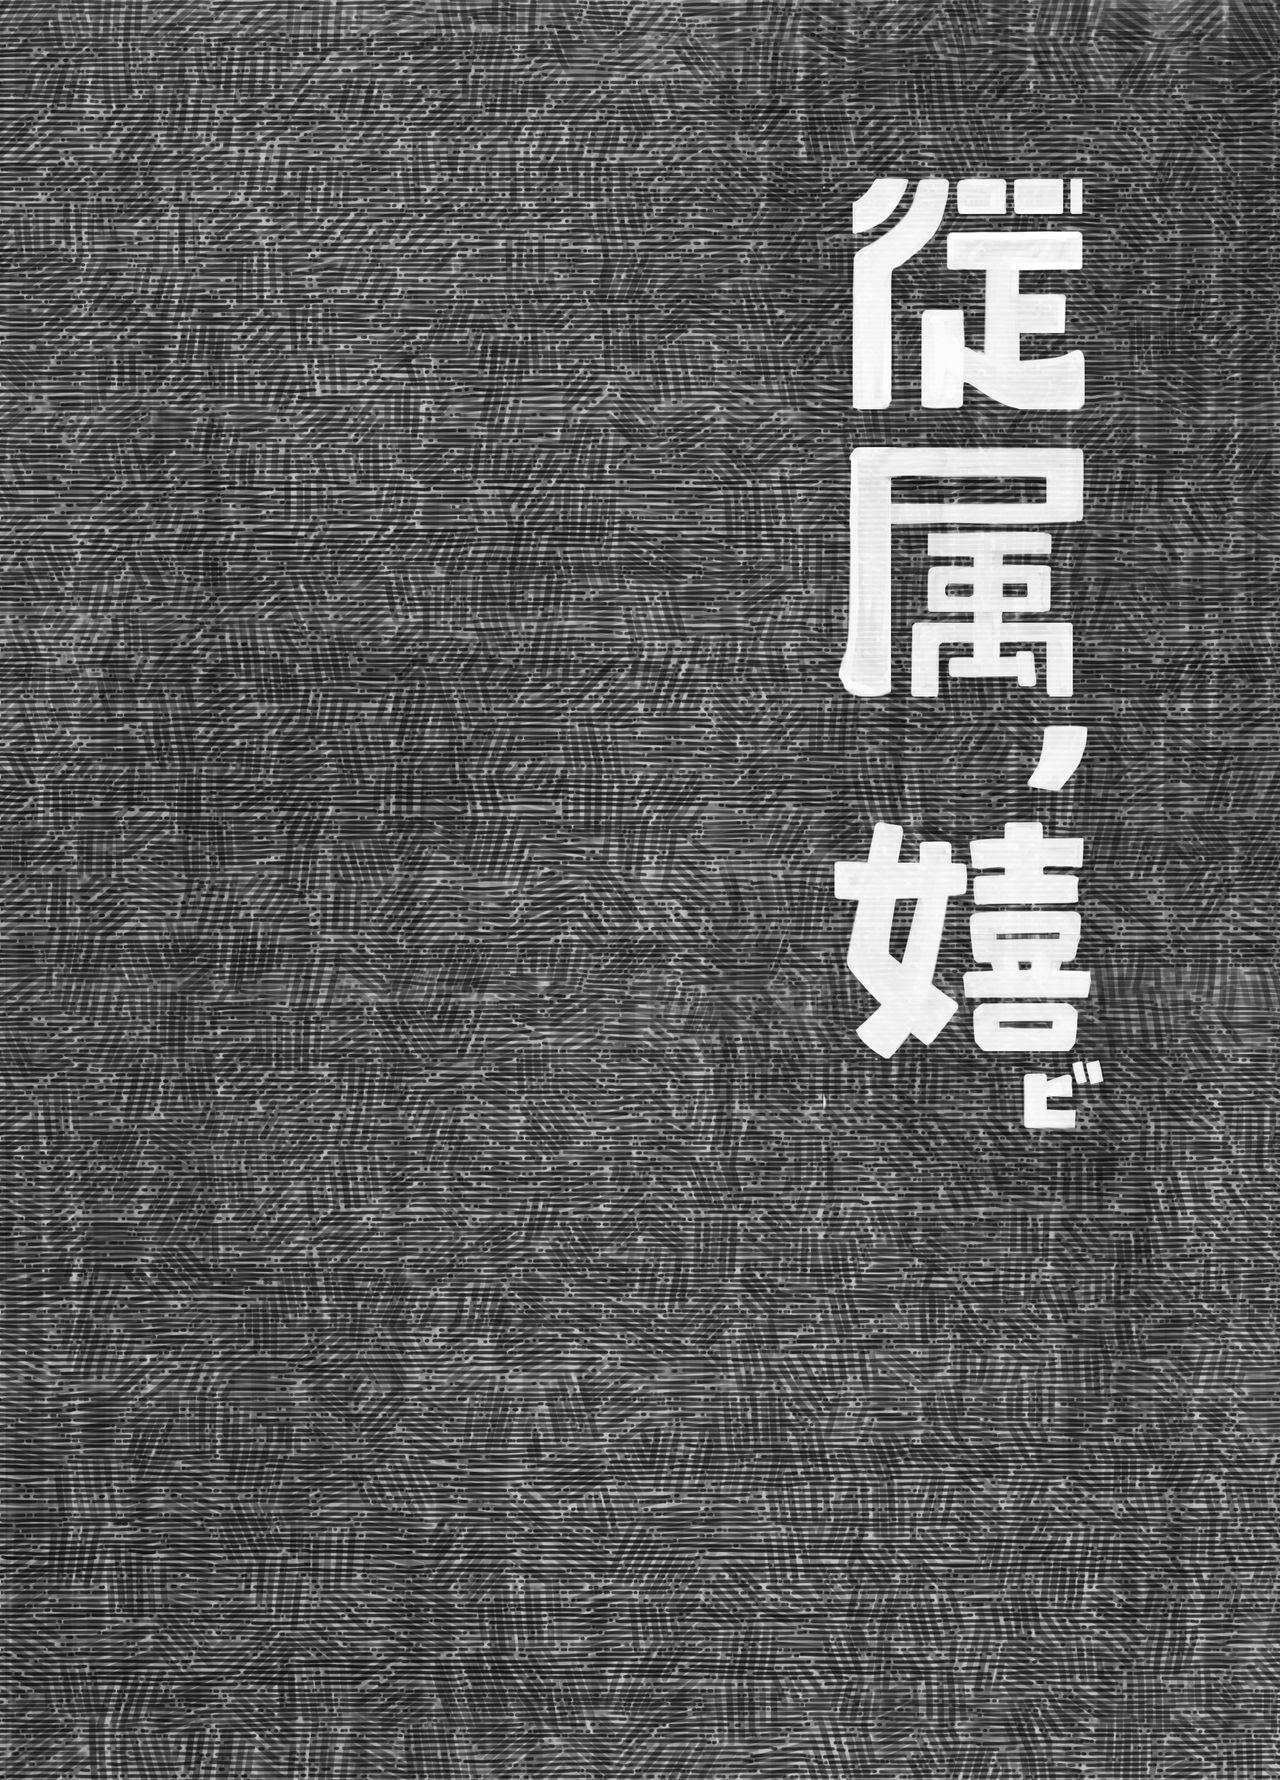 Juuzoku no Yorokobi 0